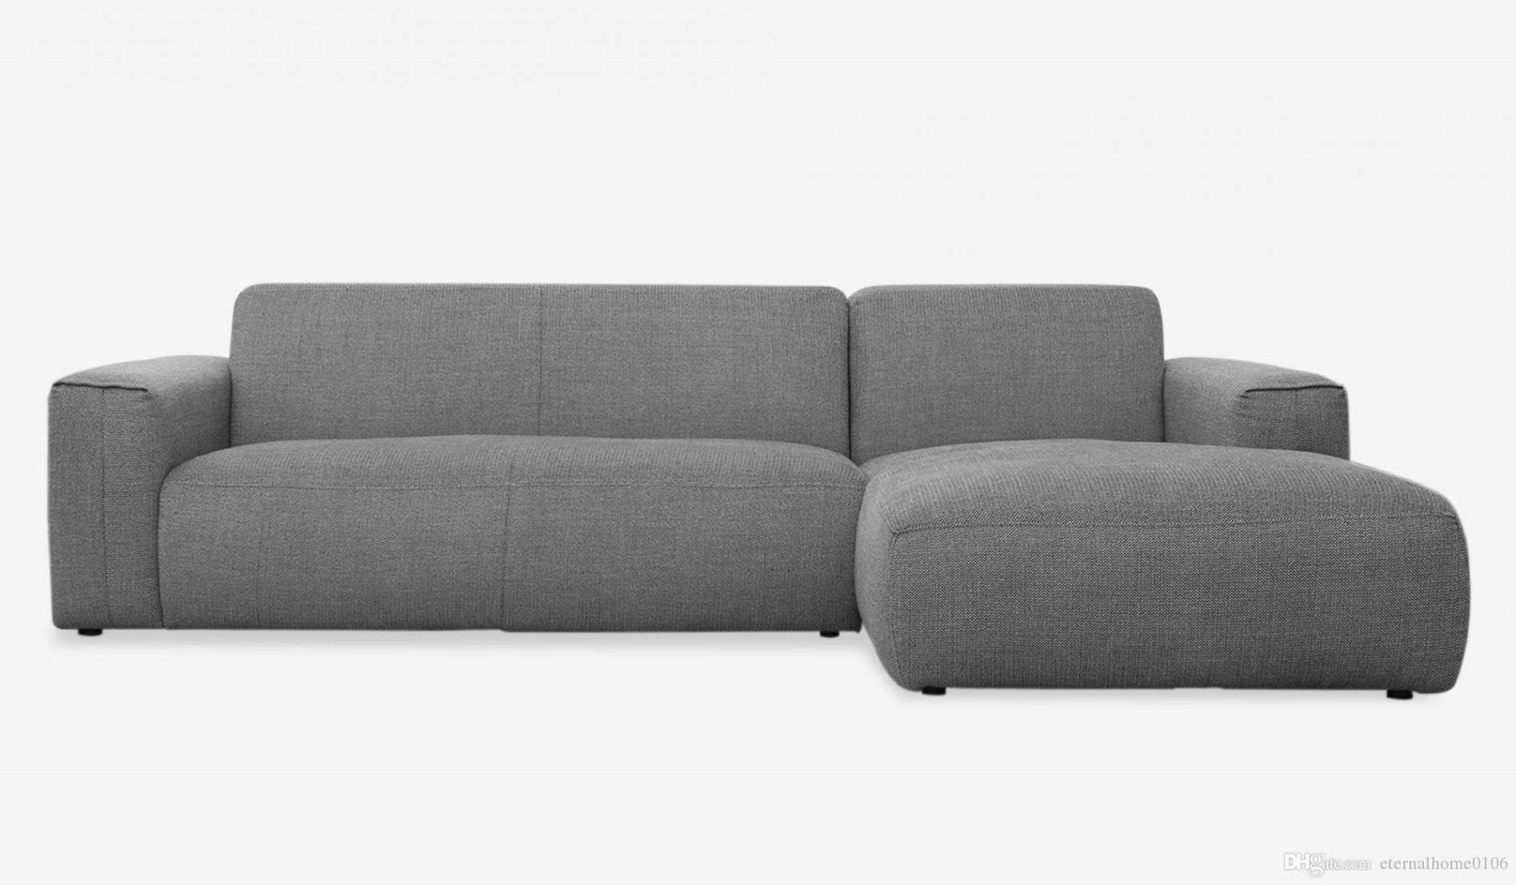 Full Size of Liegesessel Verstellbar Wohnzimmer Liege Ikea Liegen Leder Lounge Sofa Mit Verstellbarer Sitztiefe Wohnzimmer Liegesessel Verstellbar